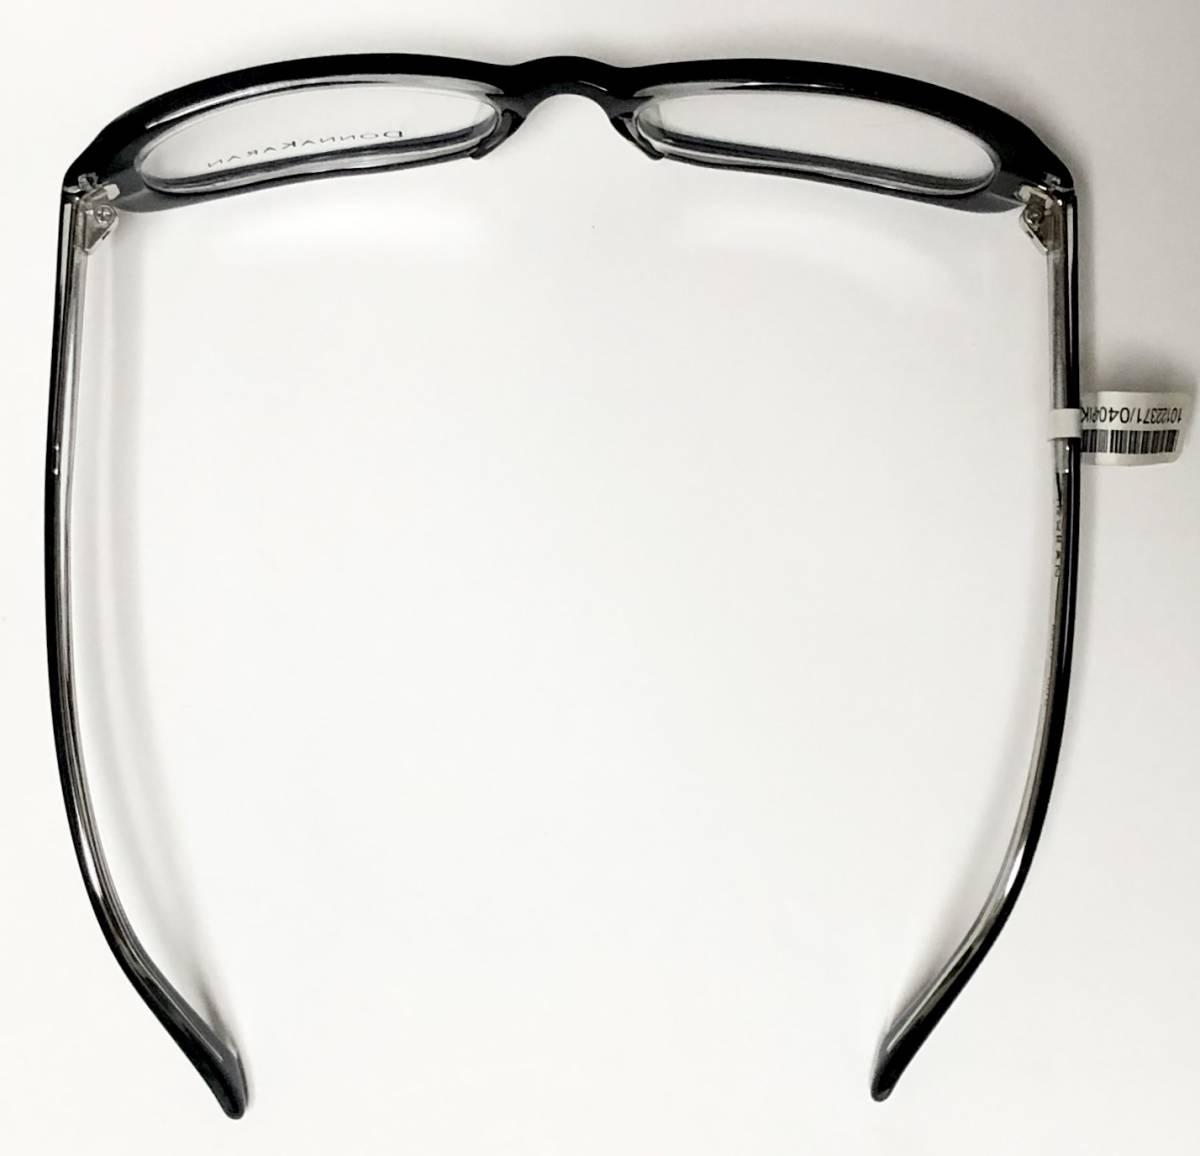 ダナキャラン 正規新品 日本製メガネ 米国ブランド Donna Karan_画像8